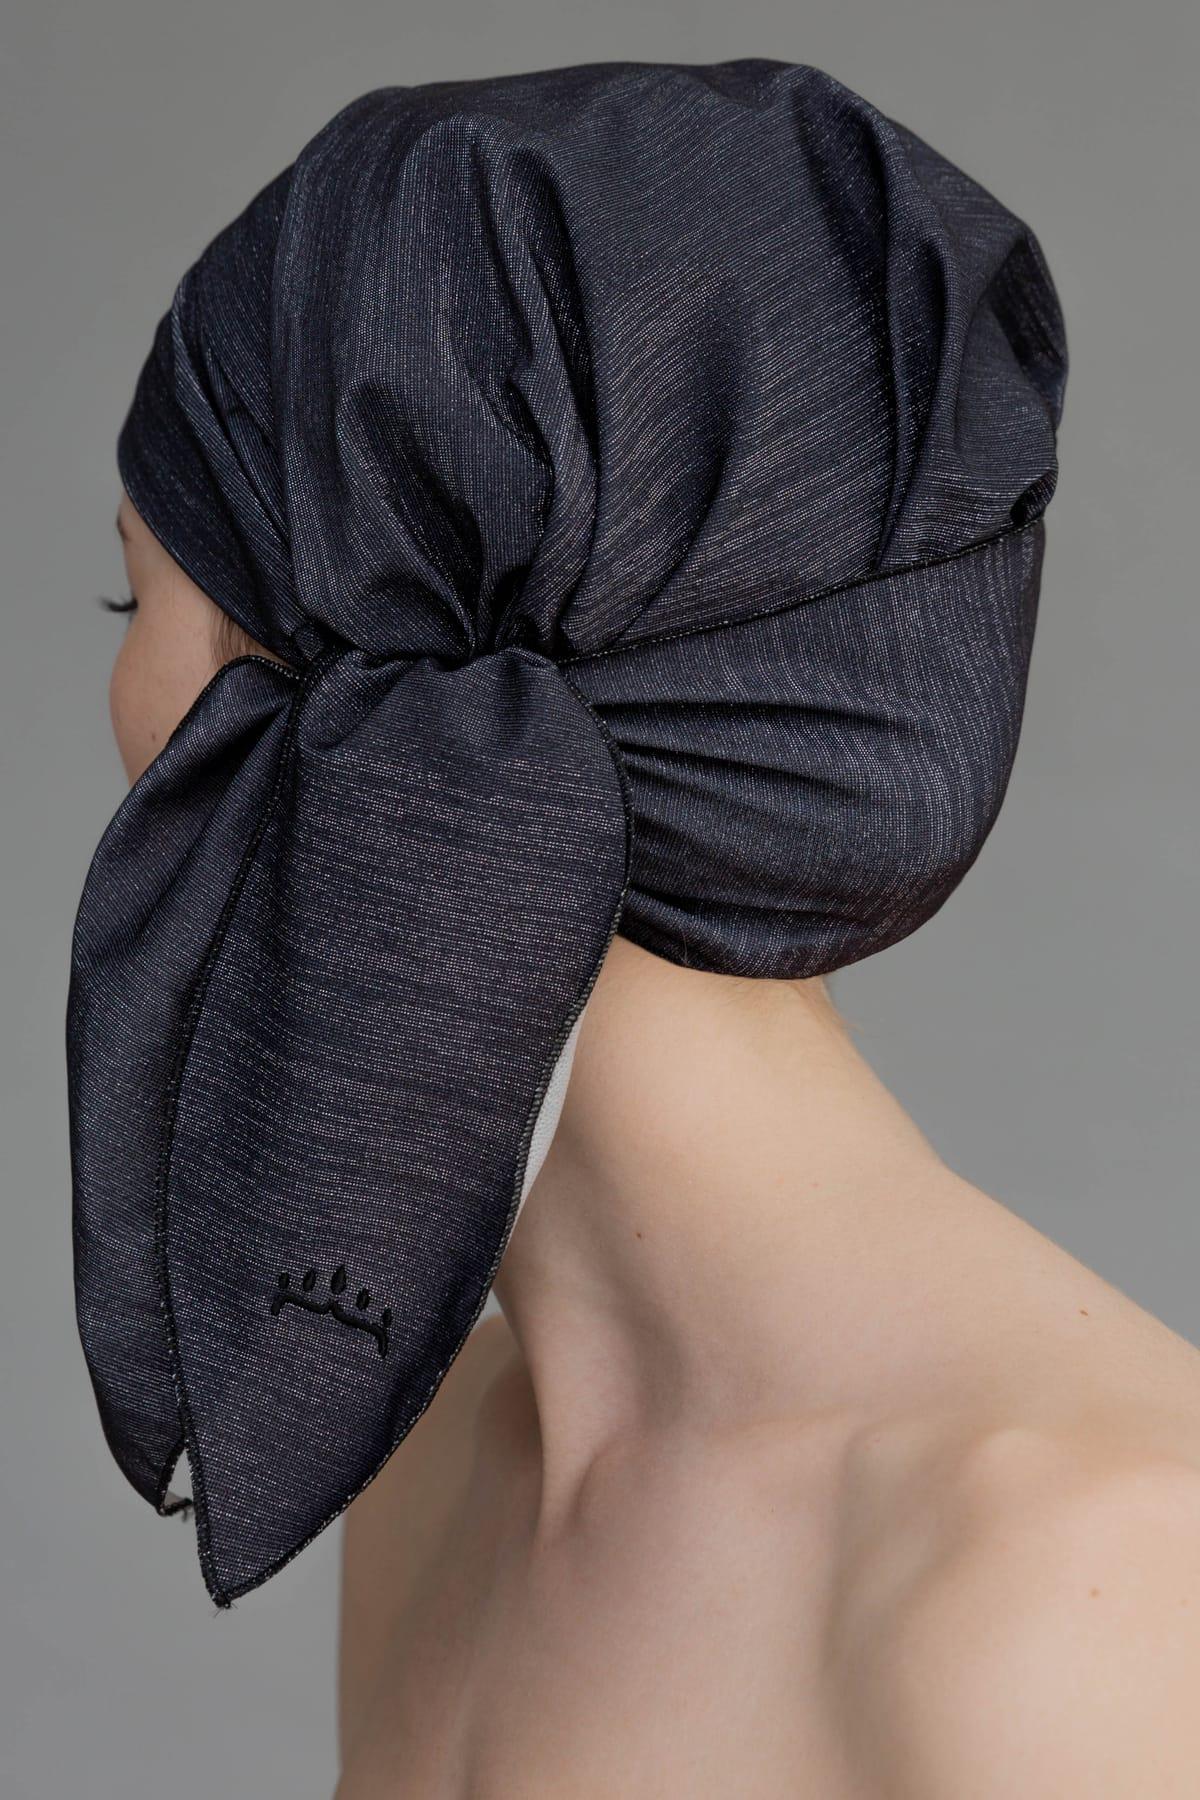 Gorro de ducha sostenible y glamuroso color negro